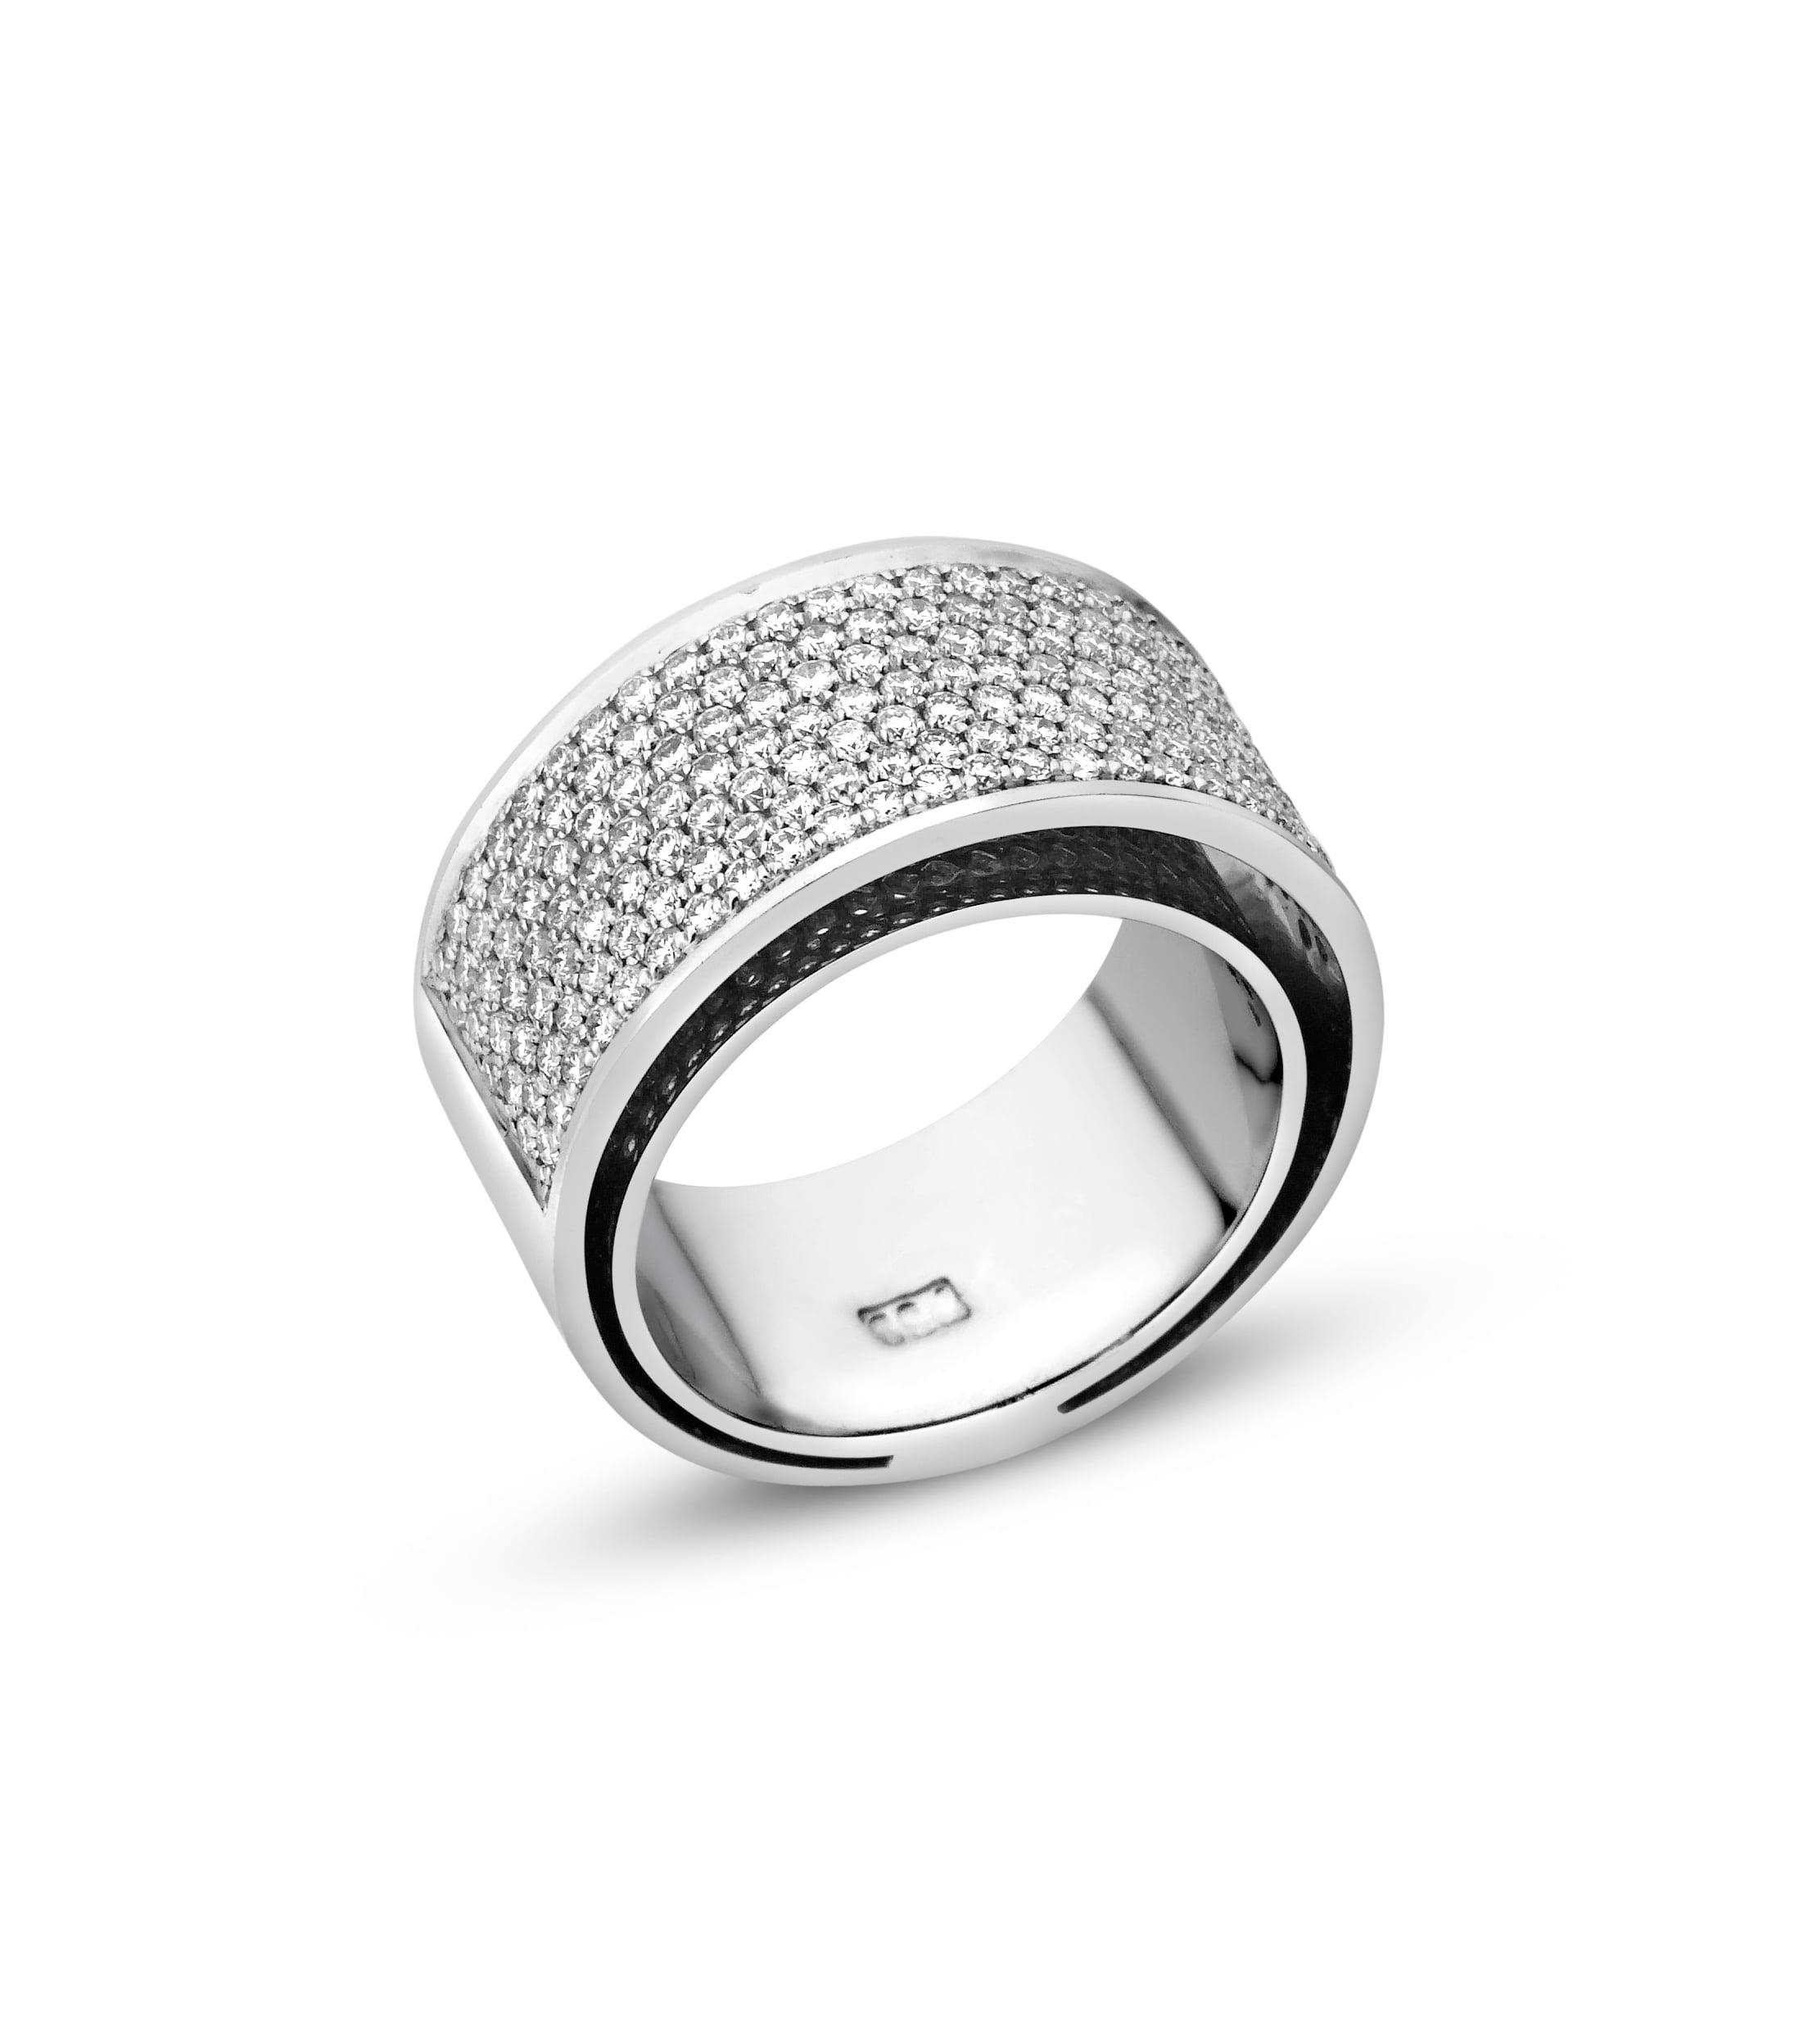 טבעת בתוך טבעת בזהב ויהלומים 1.85 קראט